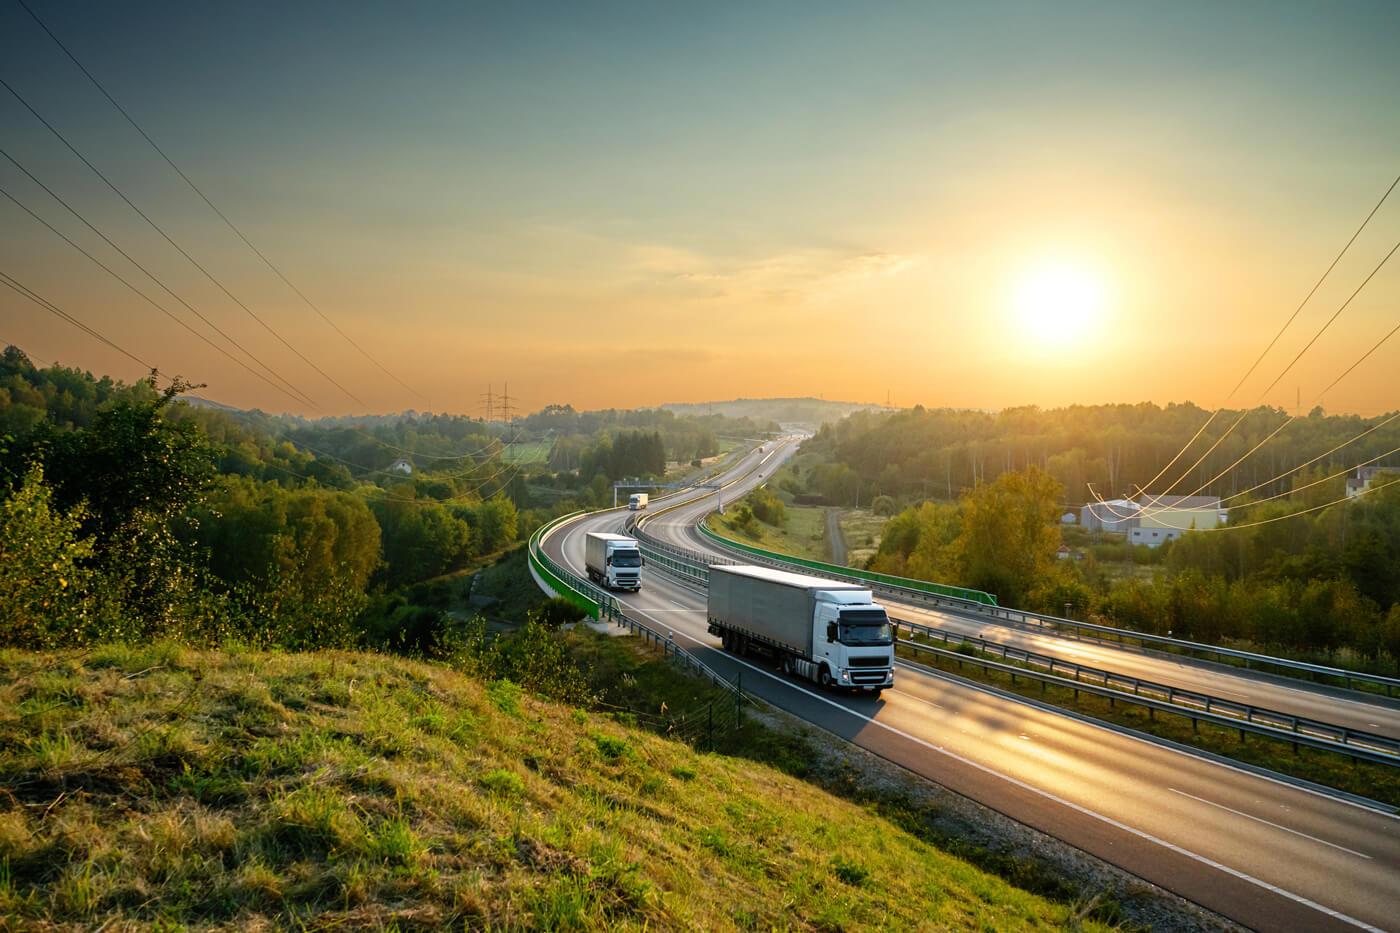 Flota camiones en carretera